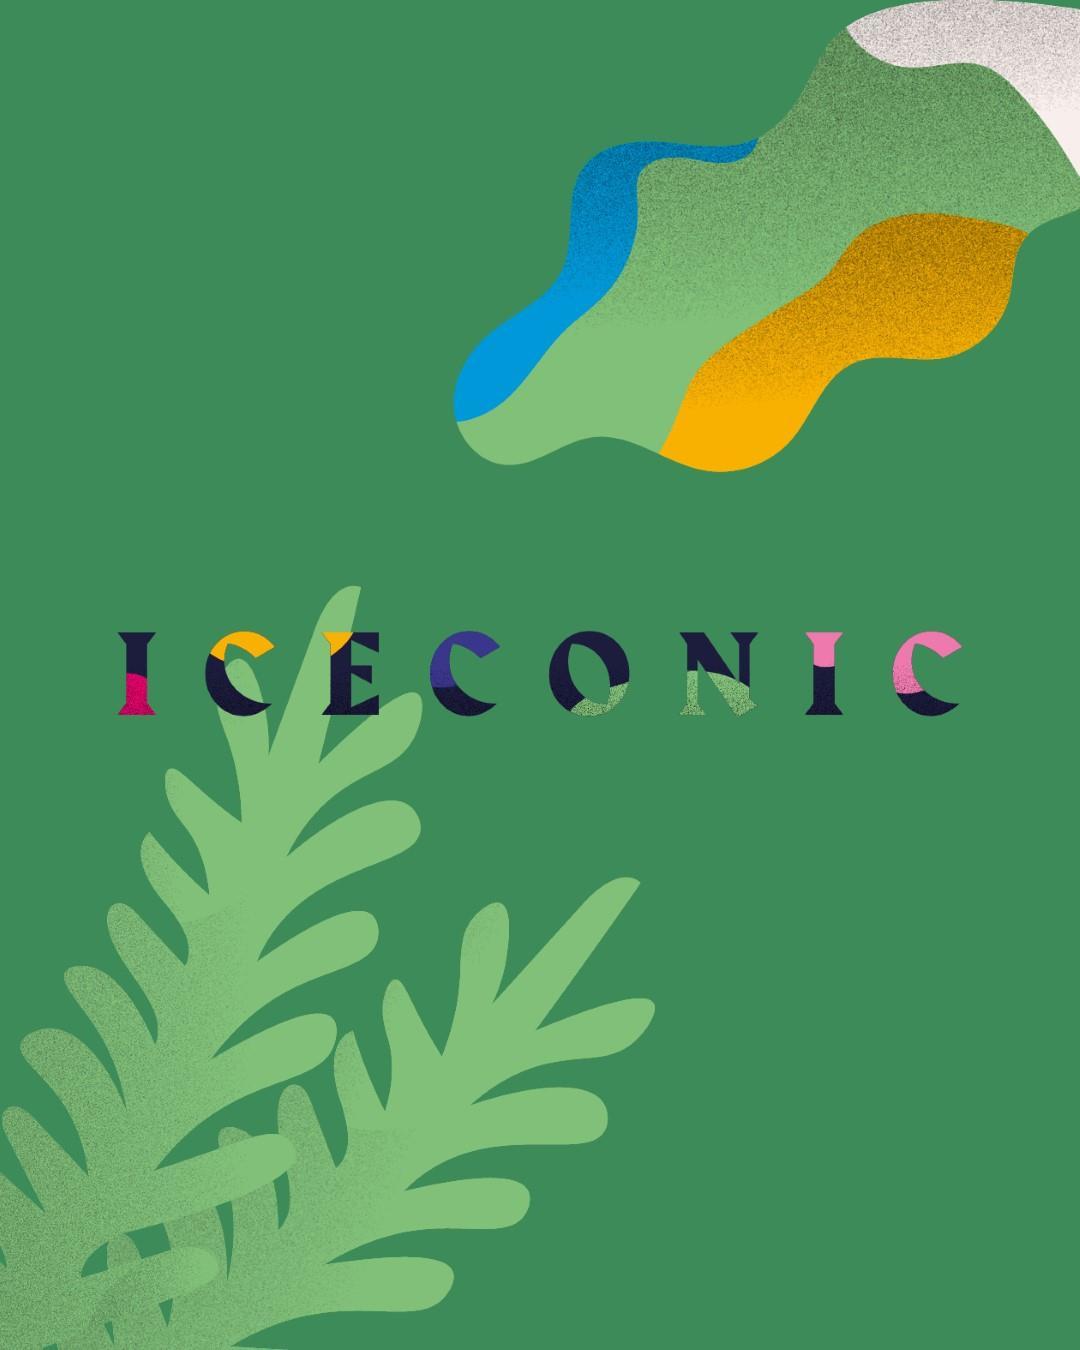 Iceconic